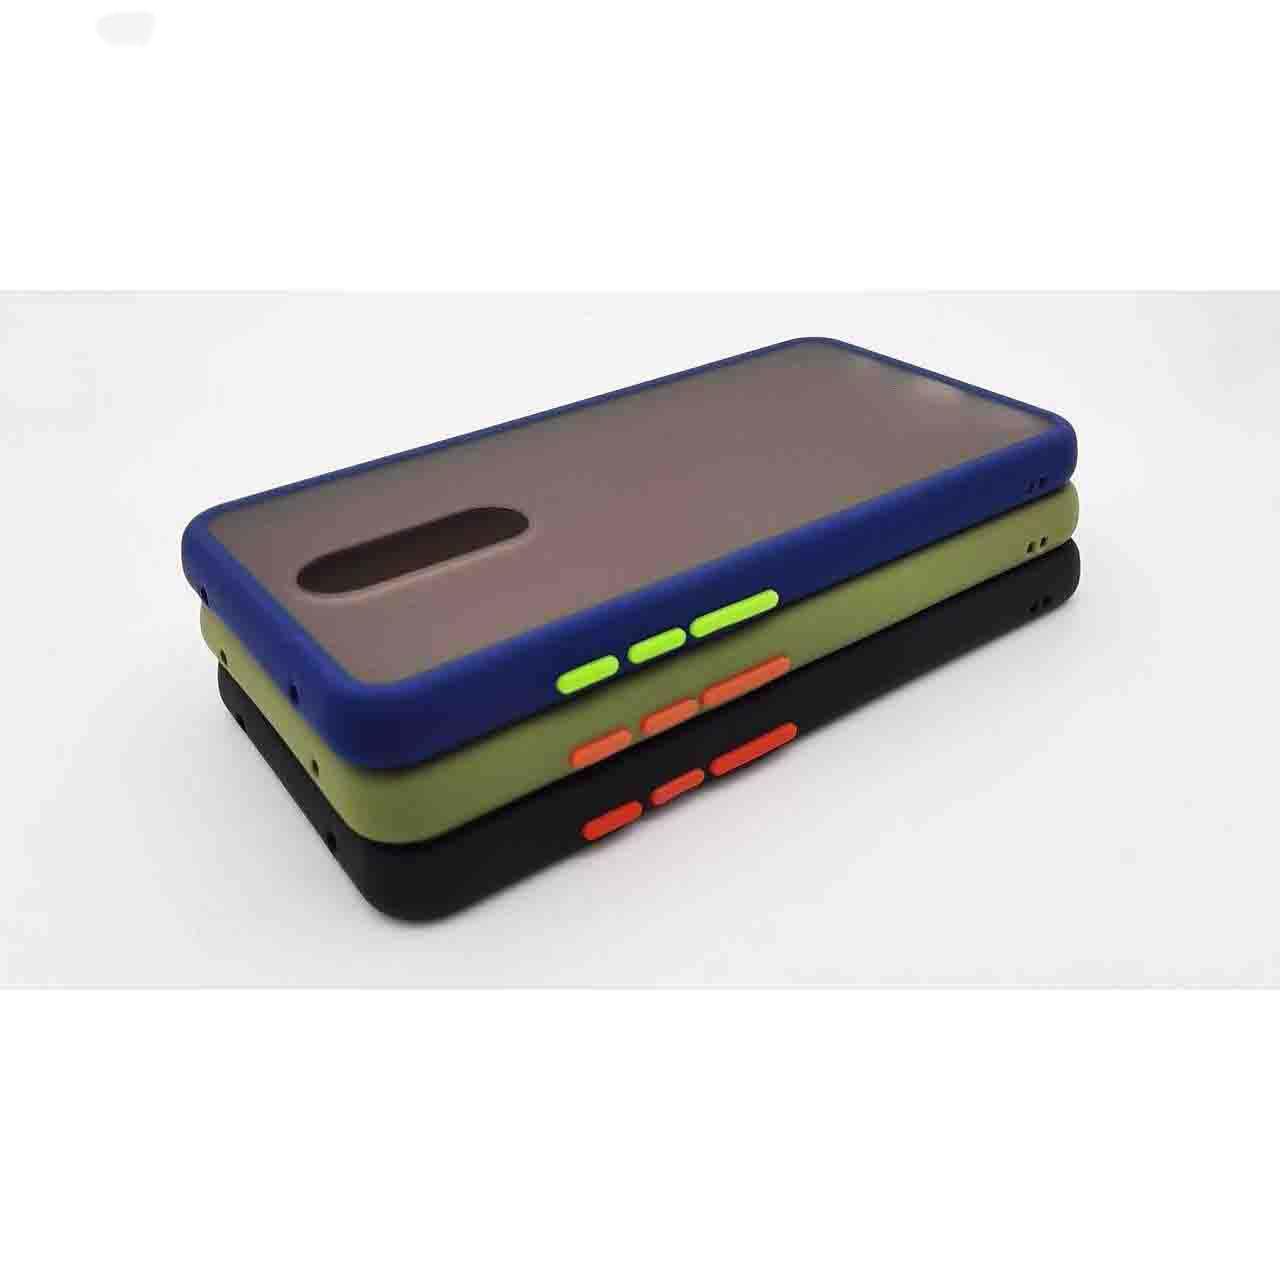 کاور لمبر مدل KEYBDPMC-GCER-1 مناسب برای گوشی موبایل شیائومی Redmi 8 به همراه محافظ صفحه نمایش